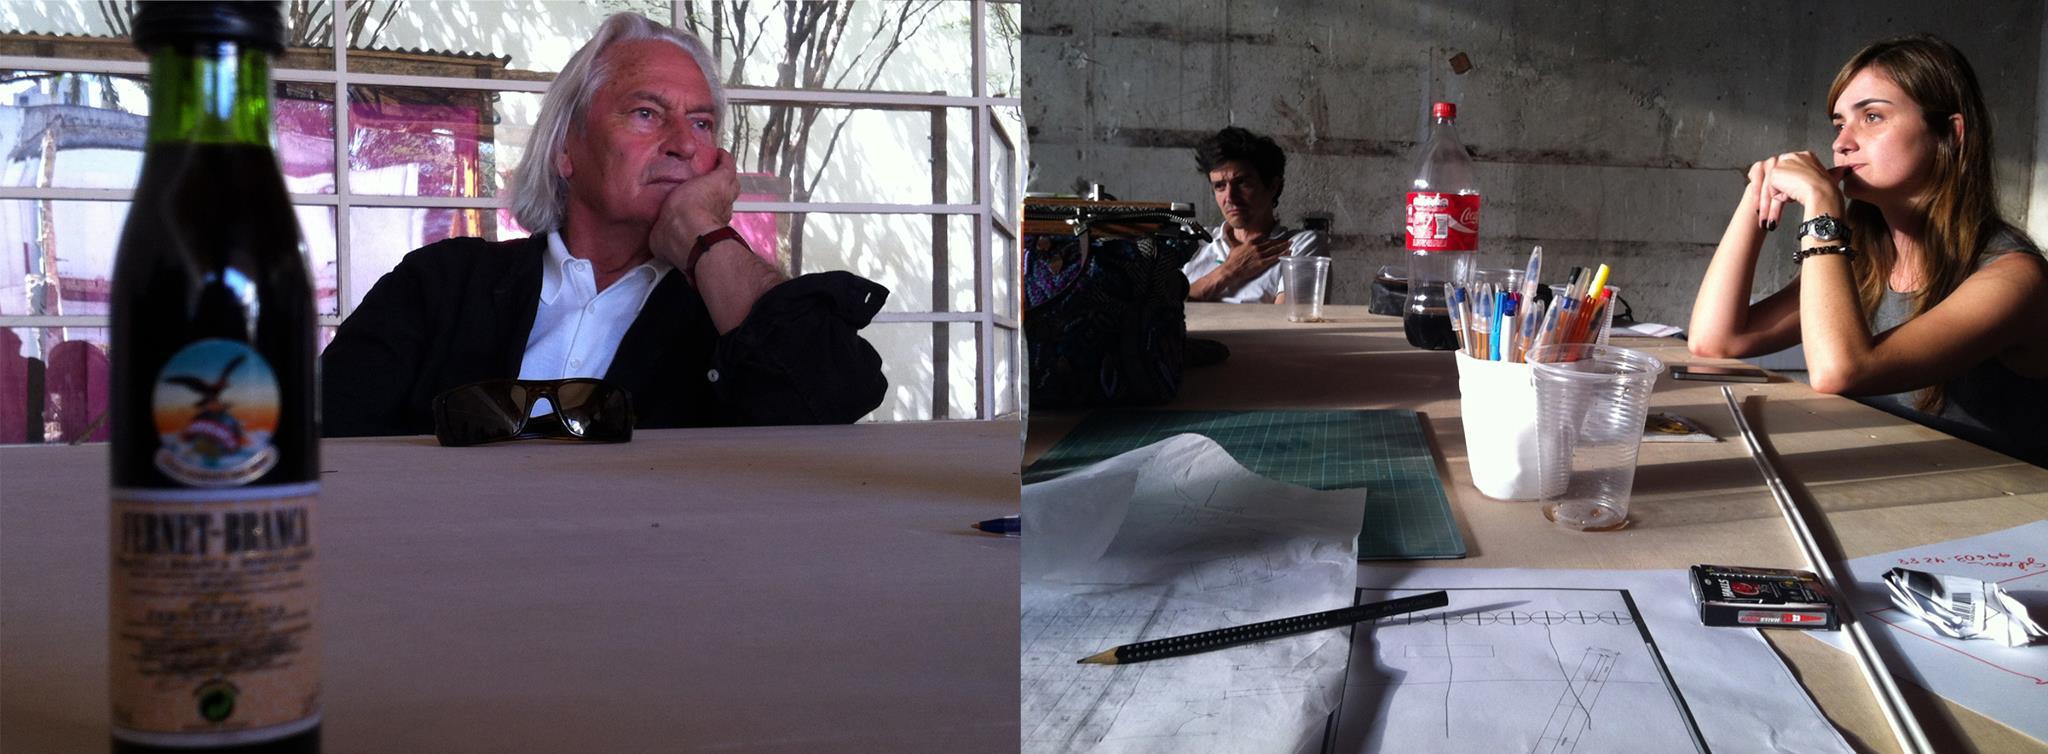 Working with Ingo Maurer